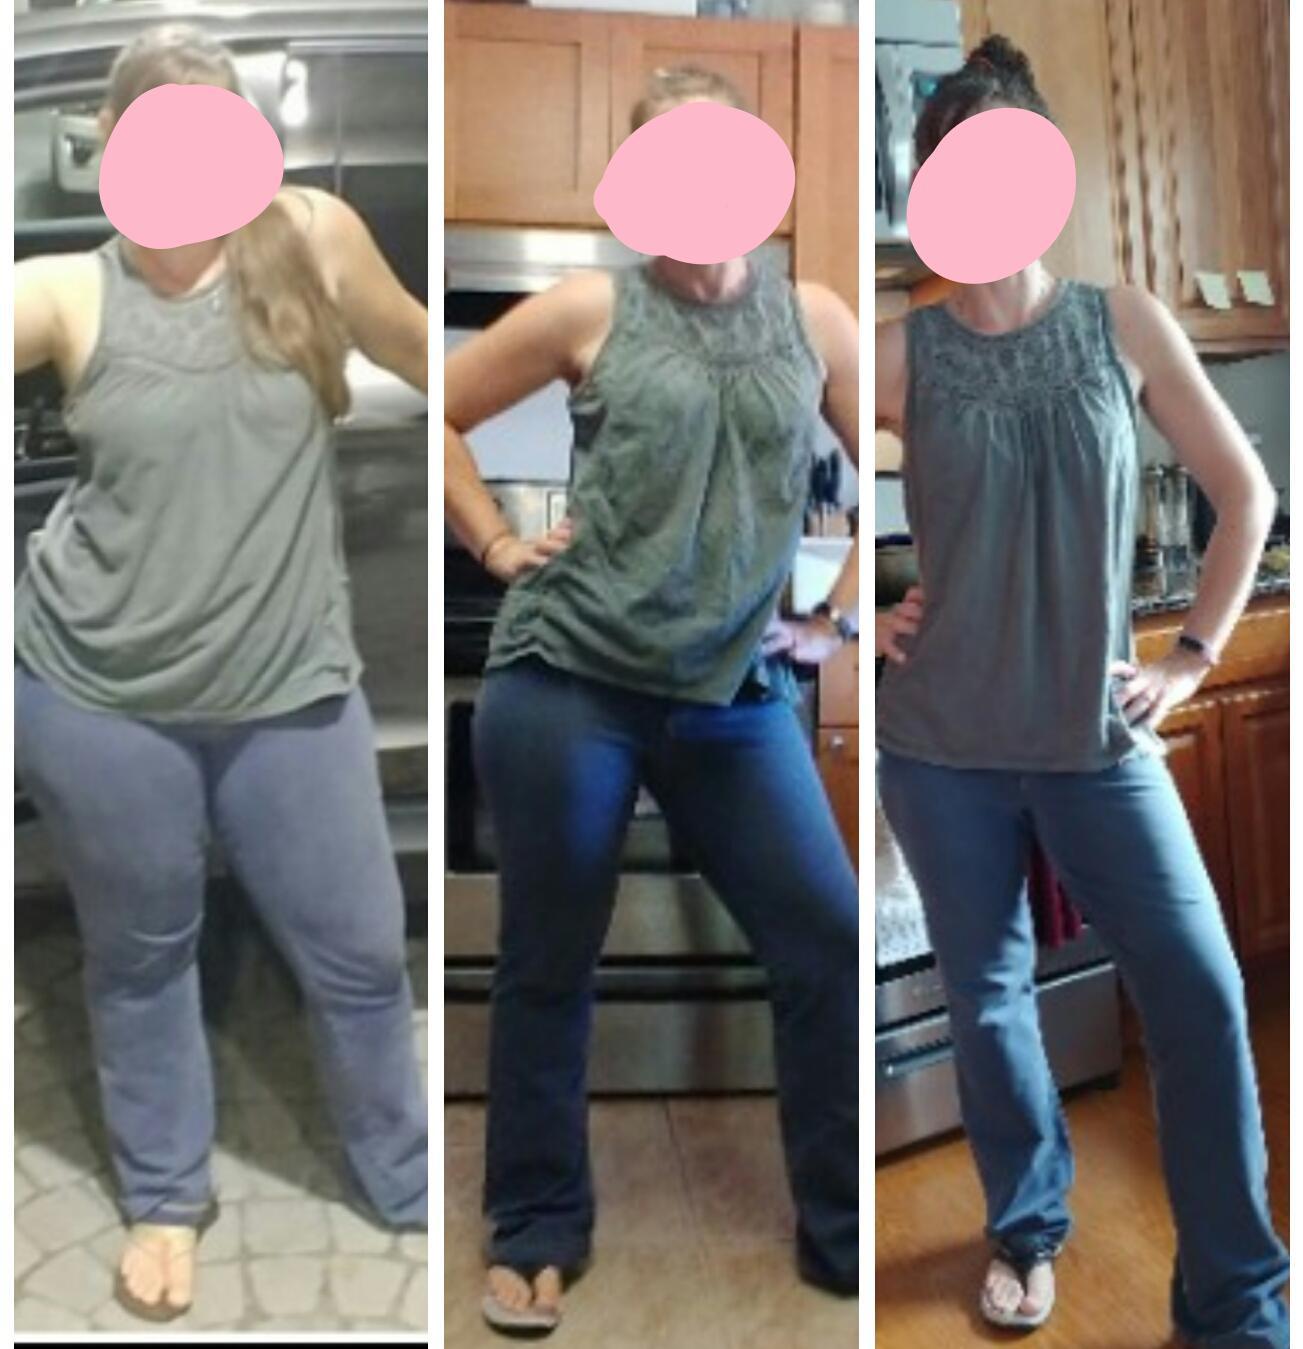 5 foot 4 Female Progress Pics of 55 lbs Fat Loss 185 lbs to 130 lbs